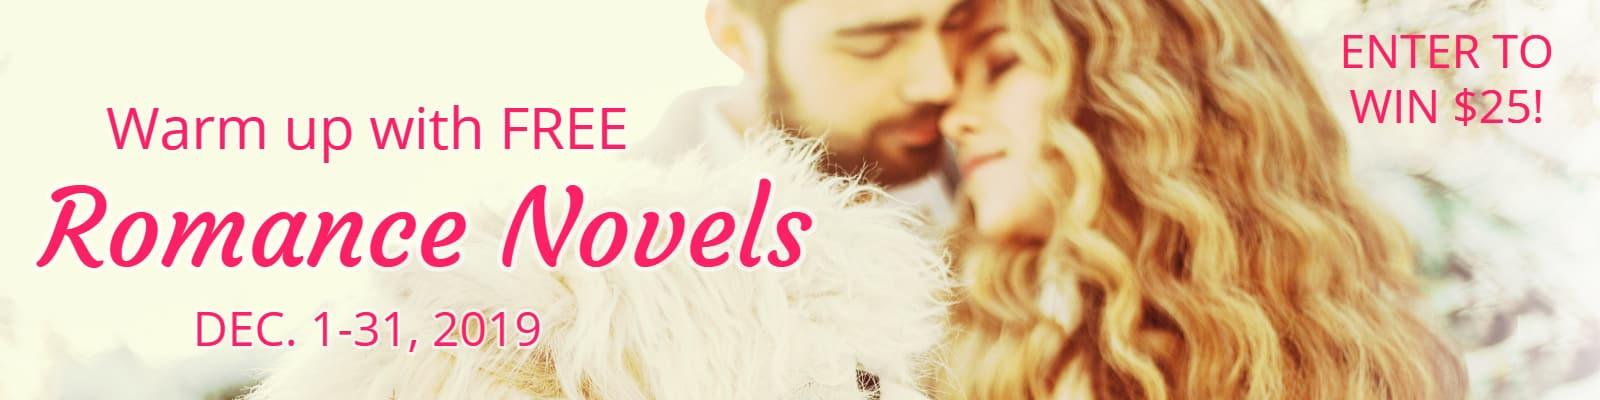 Free Romance Novels